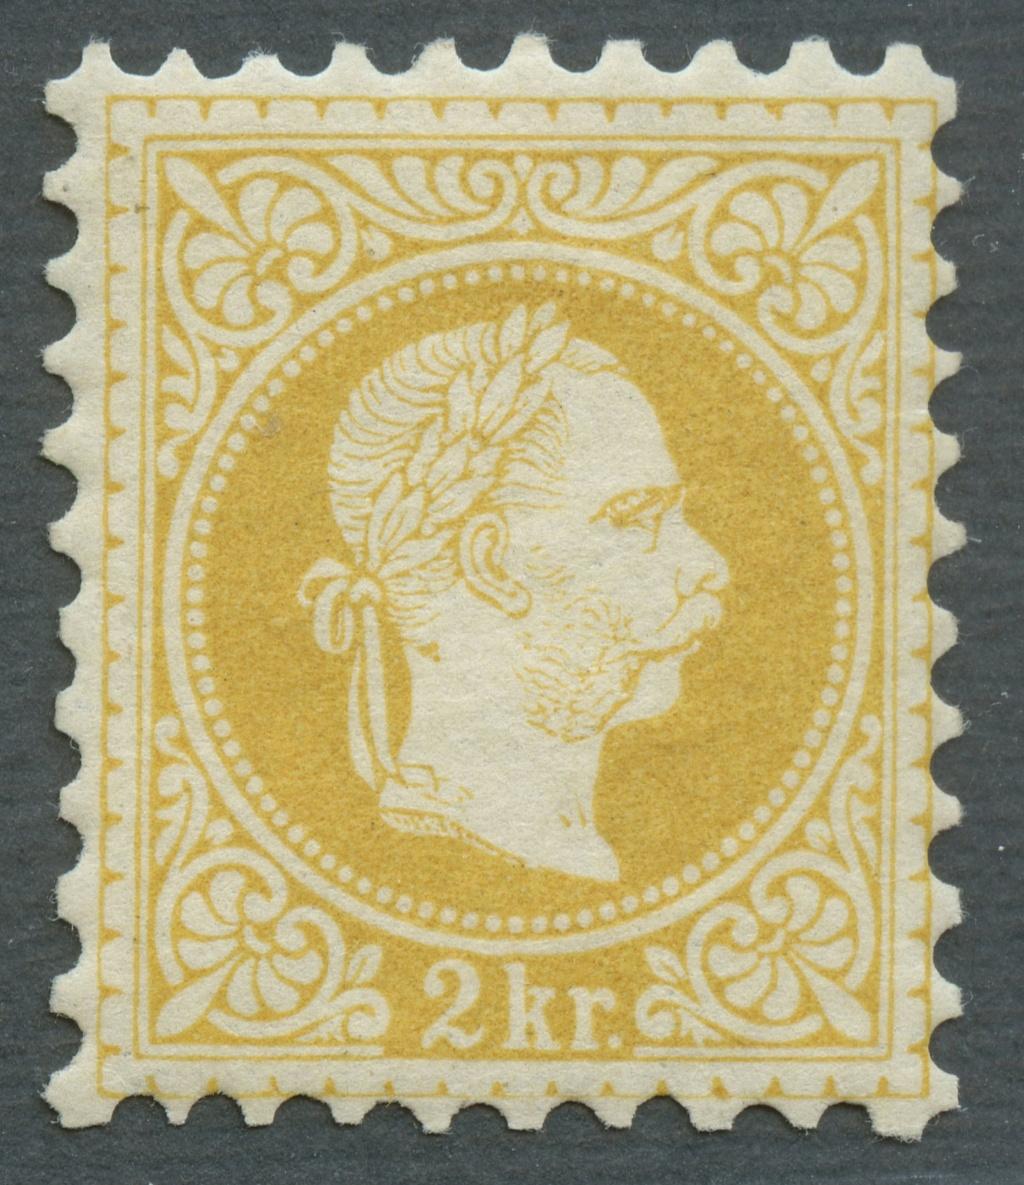 ungarn - Freimarken-Ausgabe 1867 : Kopfbildnis Kaiser Franz Joseph I - Seite 22 Ank_3510